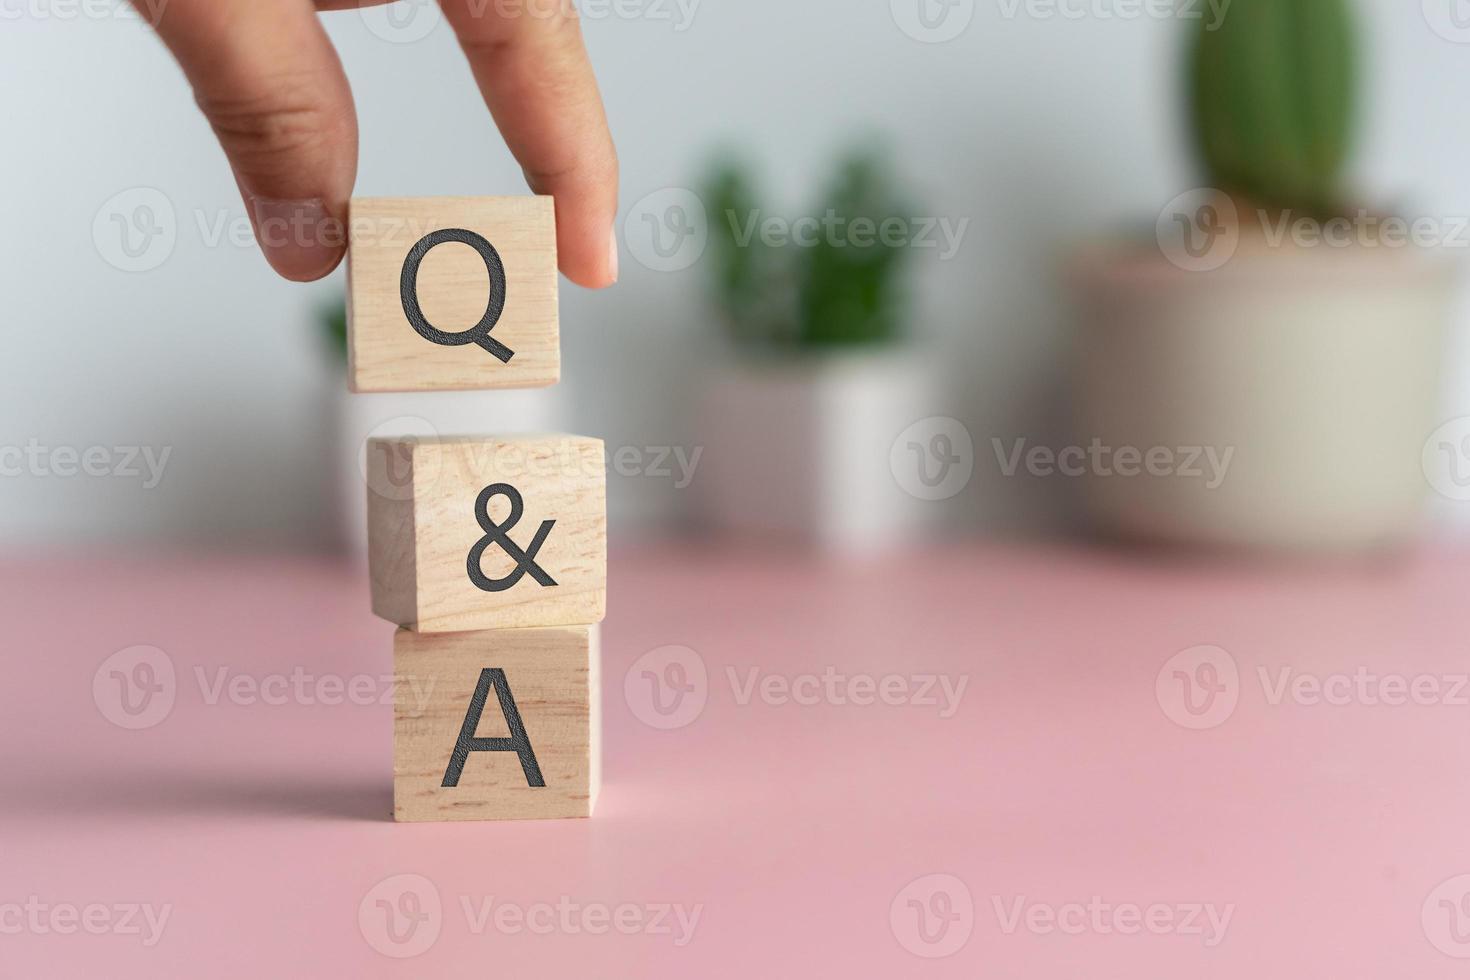 q e um alfabeto em um cubo de madeira. foto